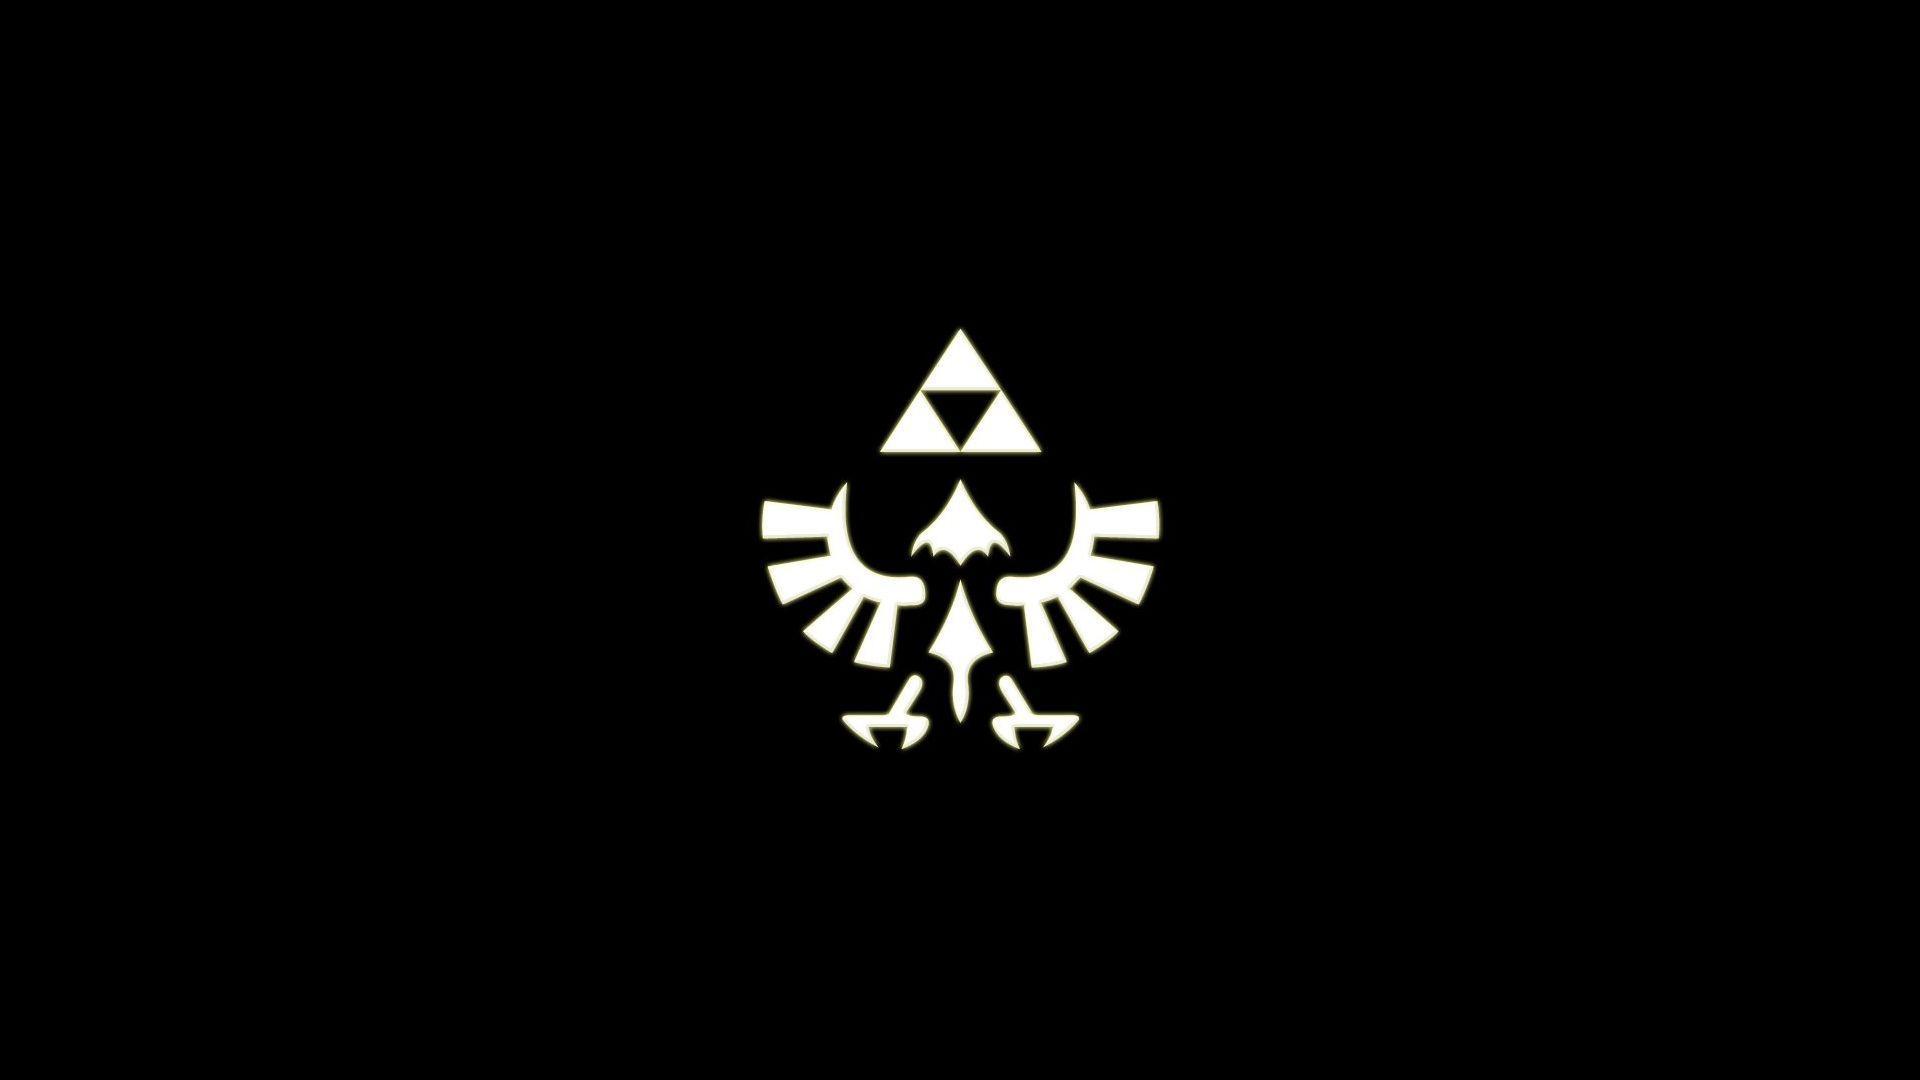 Legend Of Zelda Triforce Wallpapers Wallpaper Cave